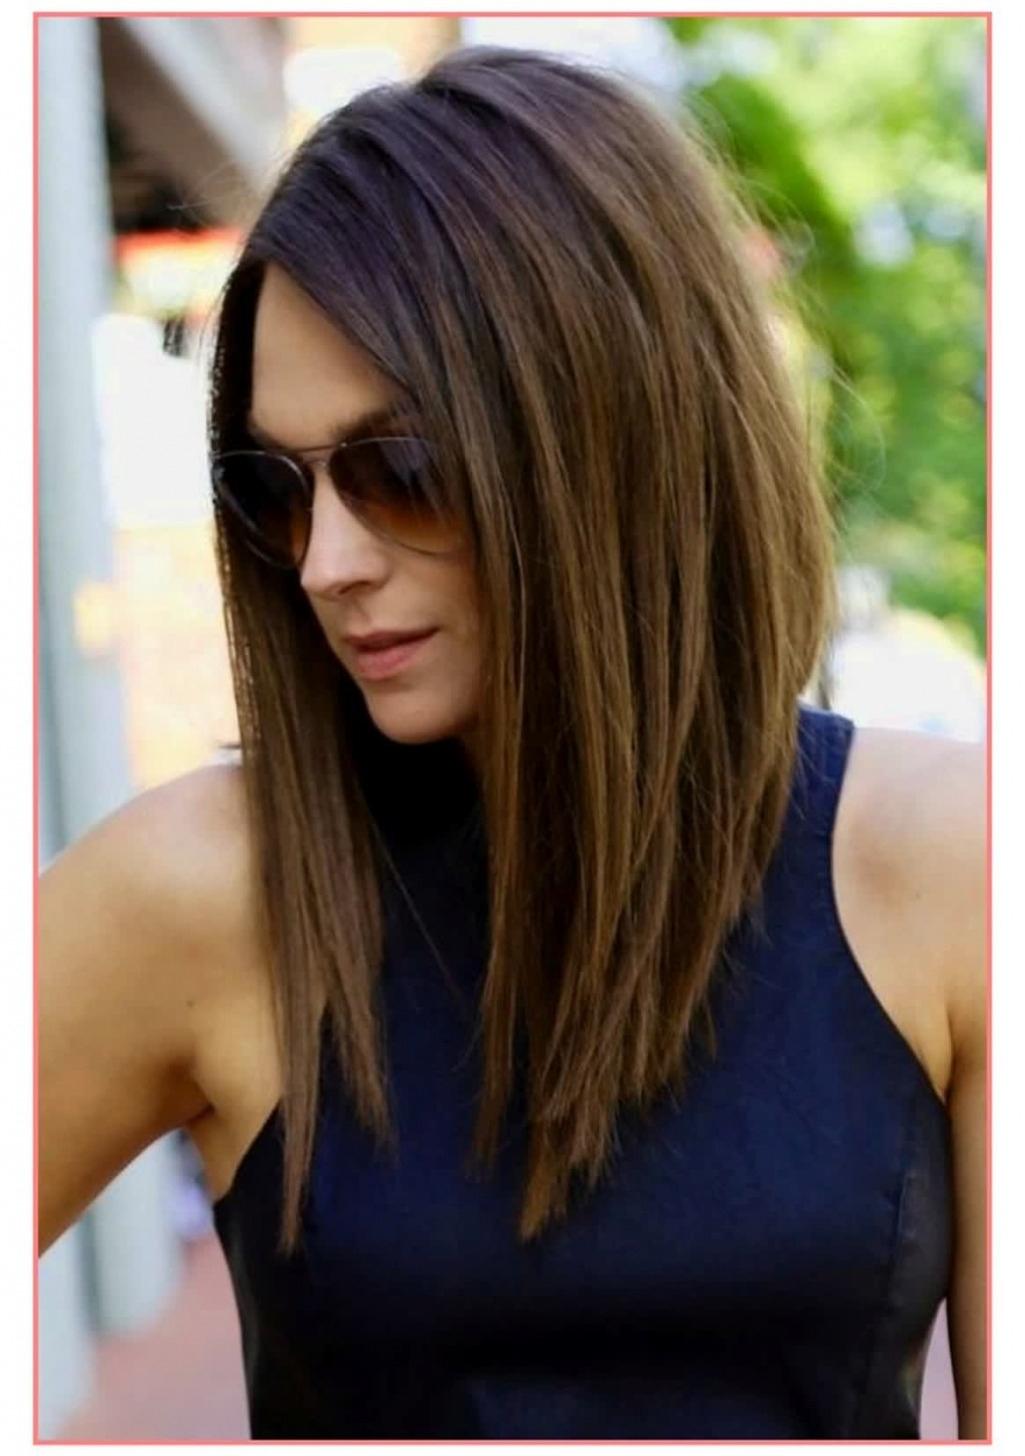 haircut 2018 female medium length - wavy haircut